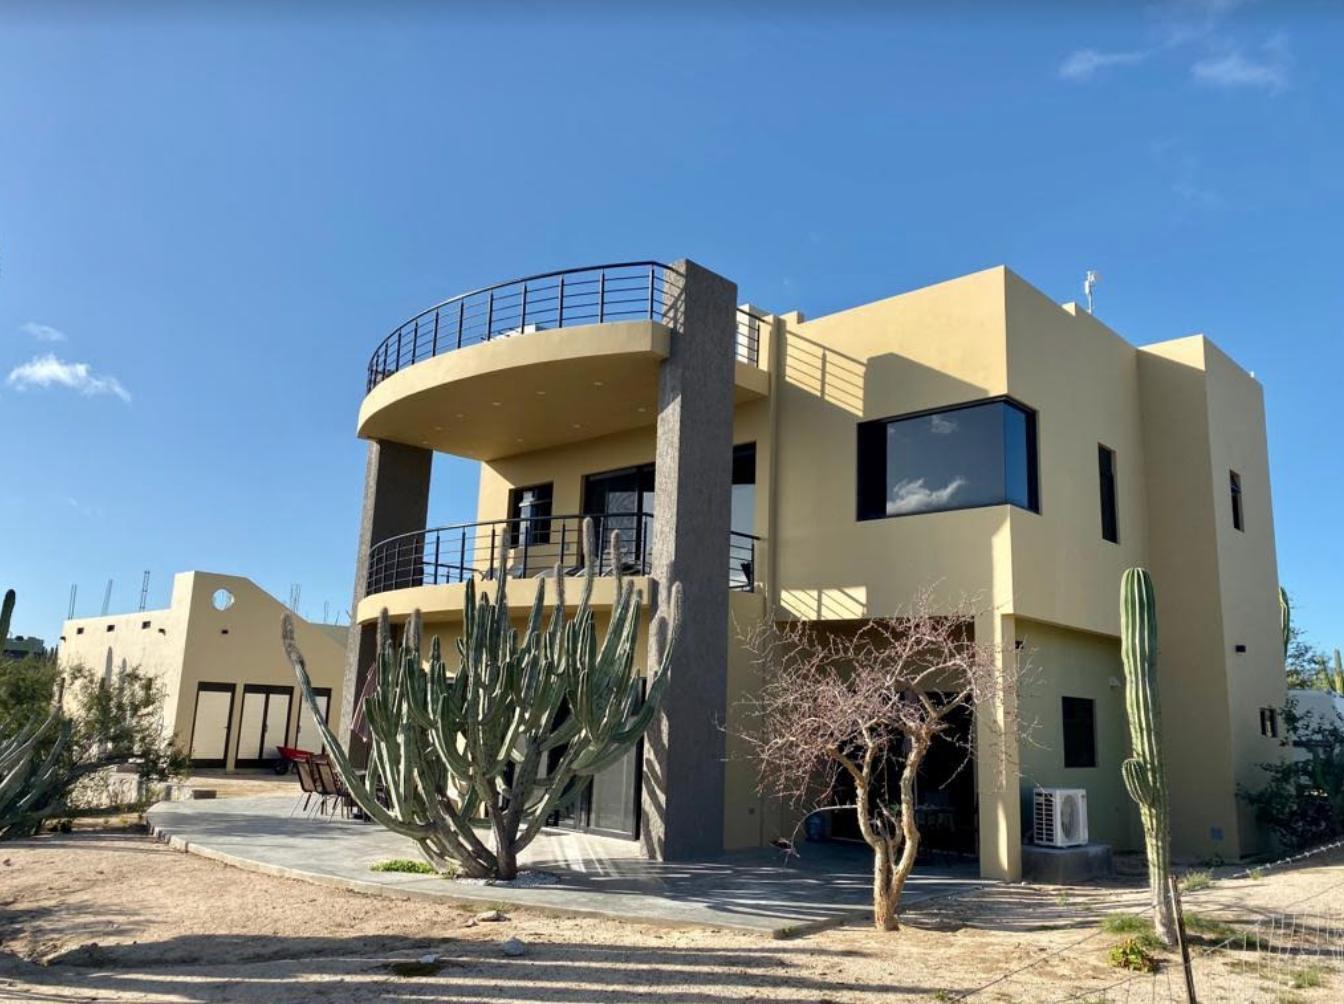 C Palo de Arco, Cactus Club Resort, La Paz,